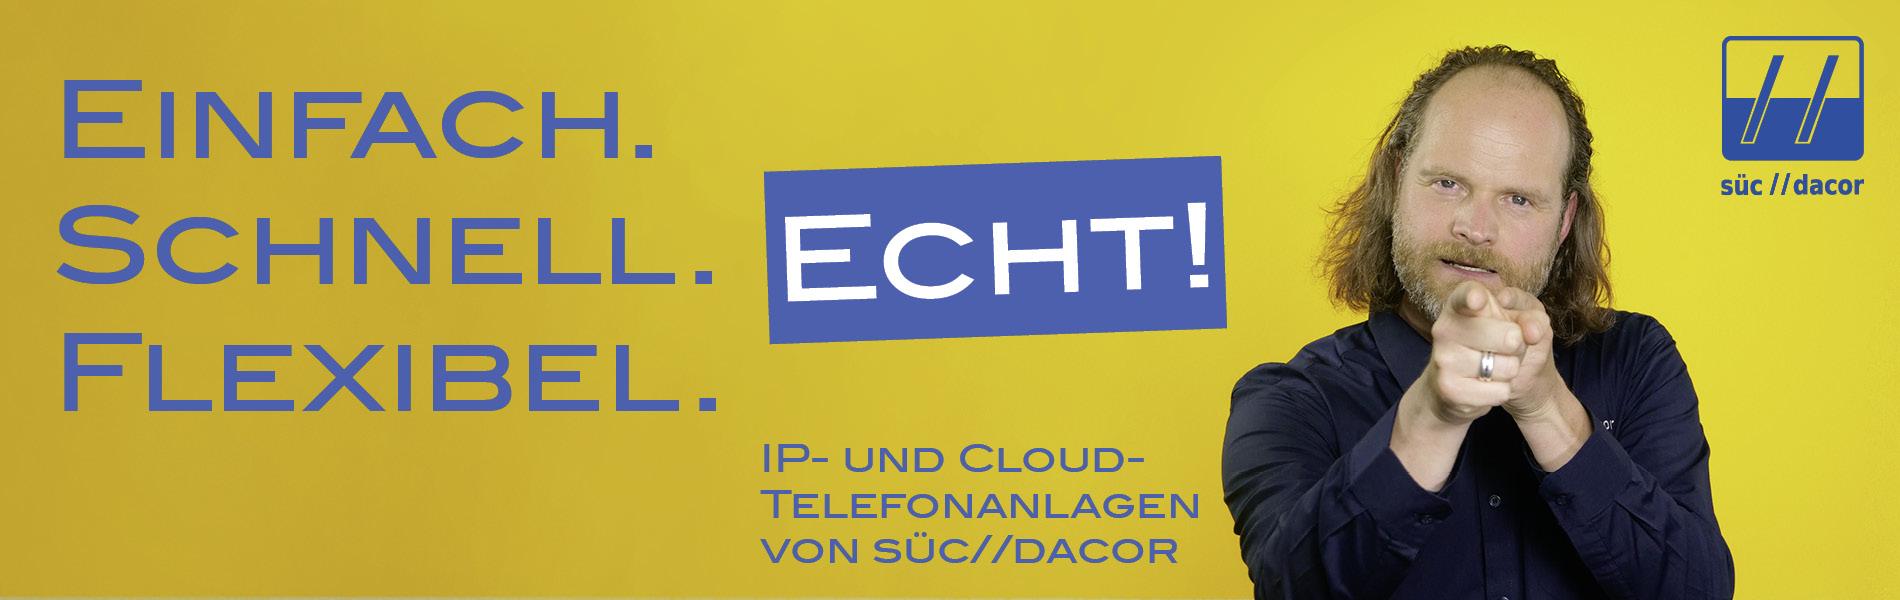 Einfach. Schnell. Flexibel. IP- und Cloud-Telefonanlagen von süc//dacor